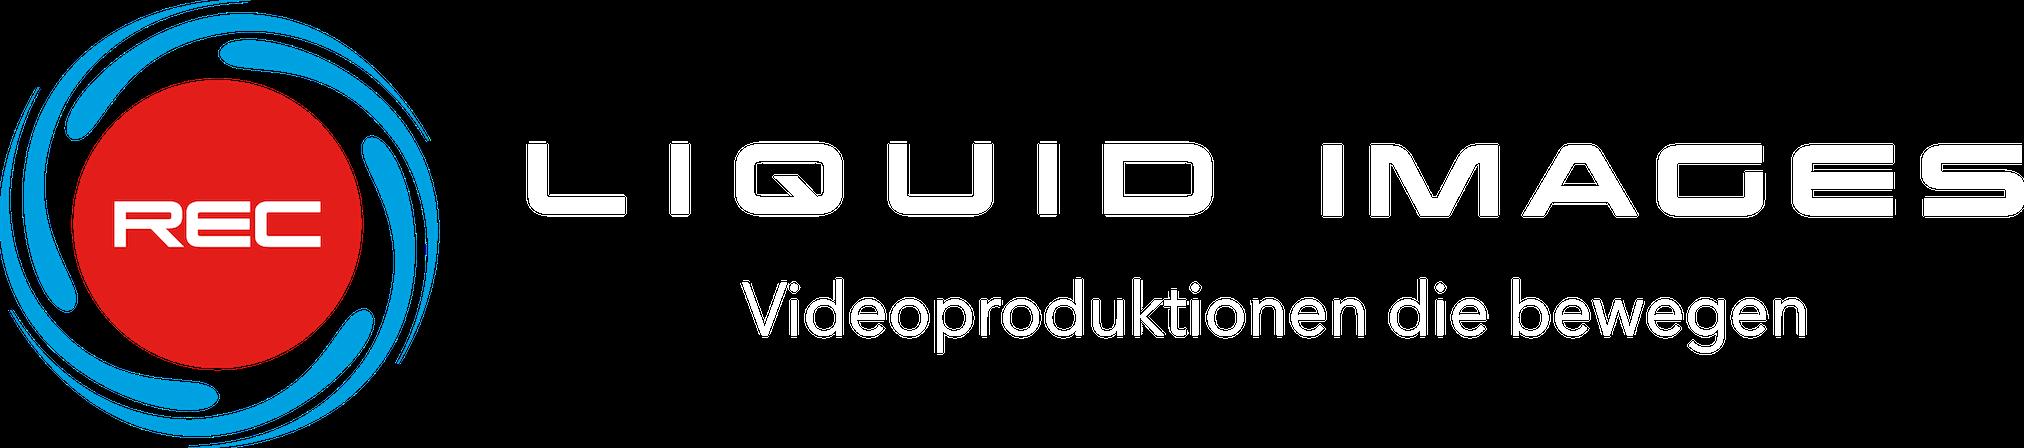 Liquid Images